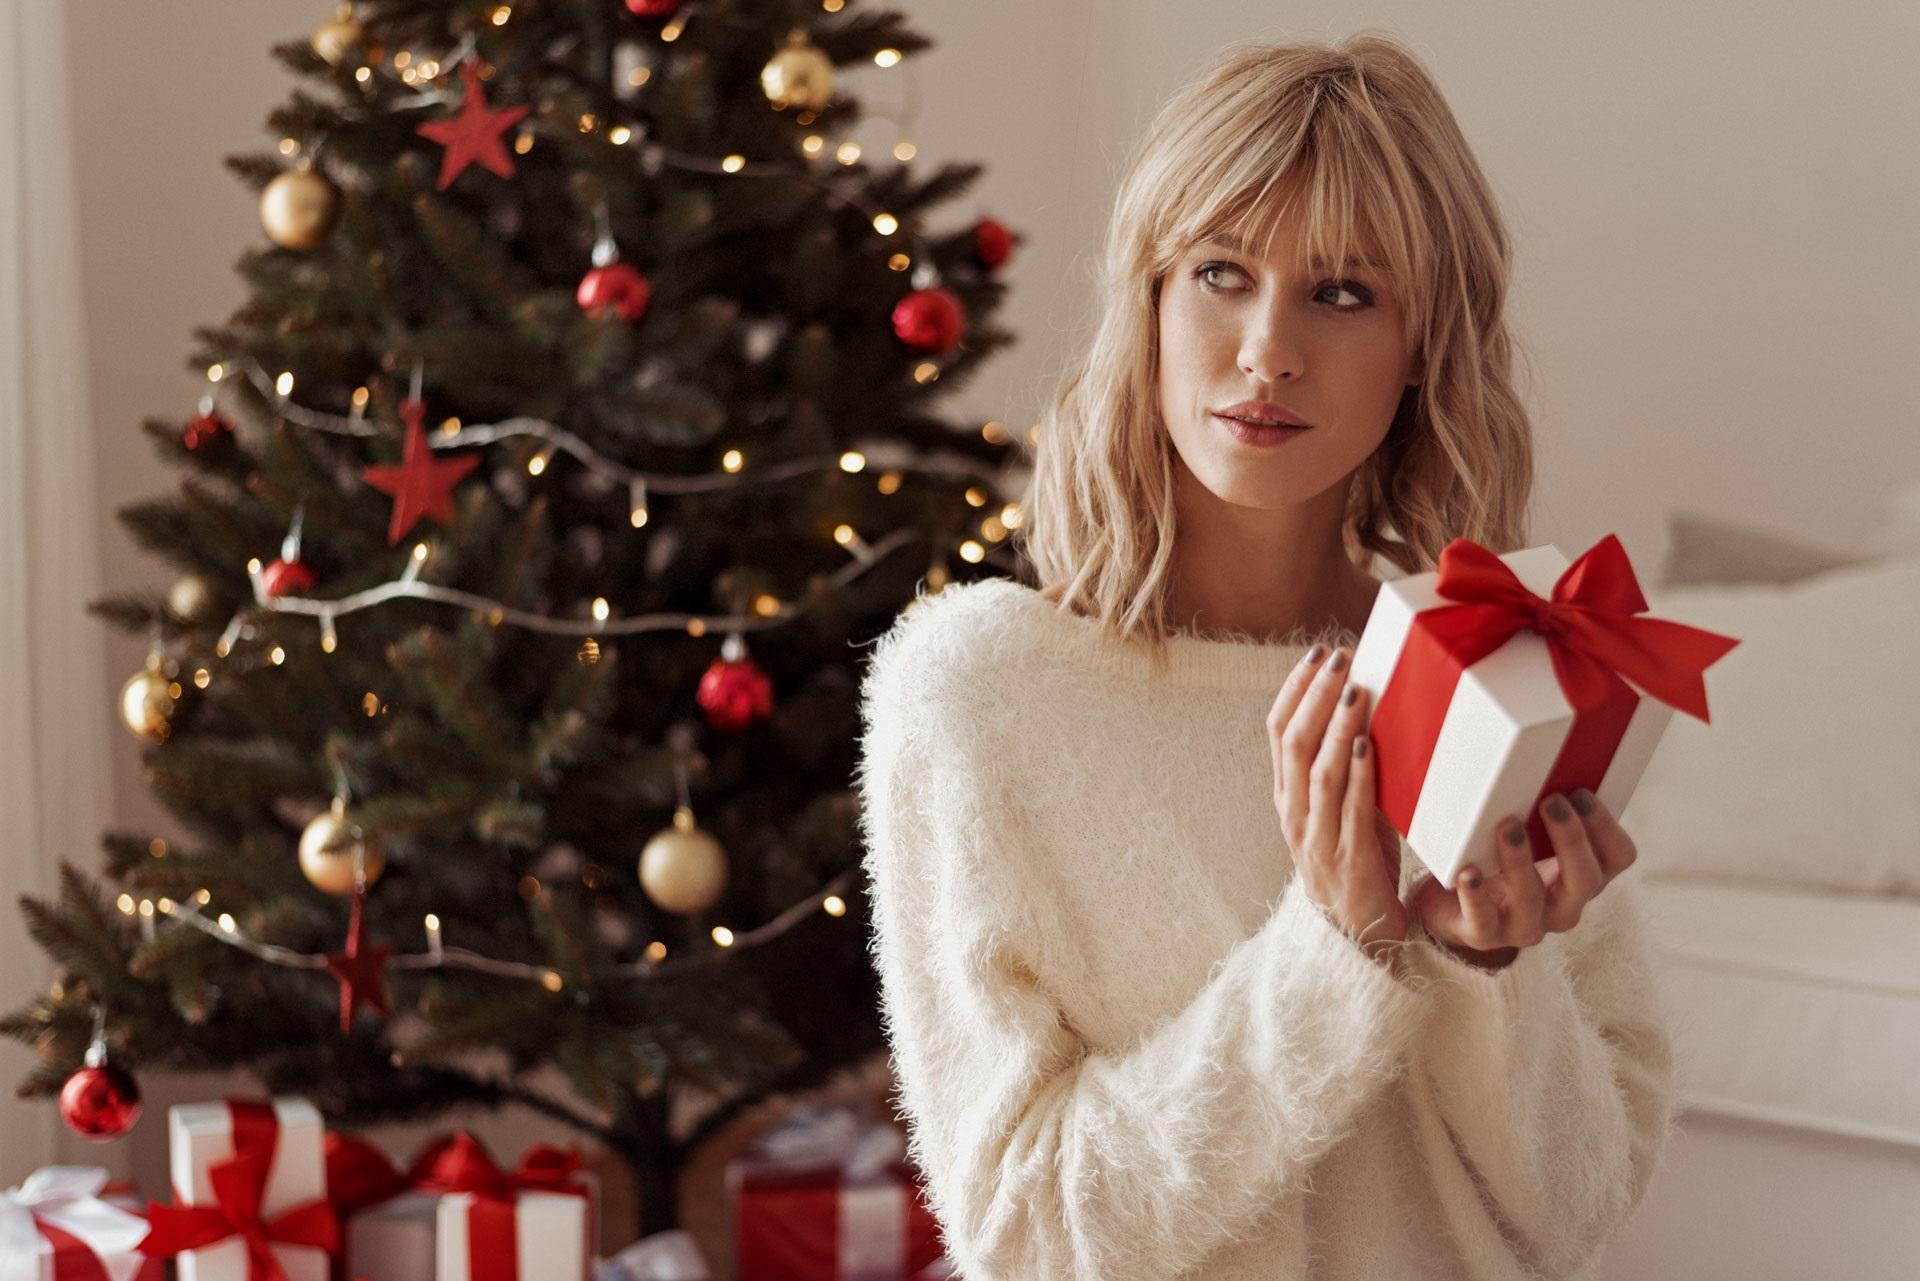 Die besten Weihnachtsgeschenke für Frauen